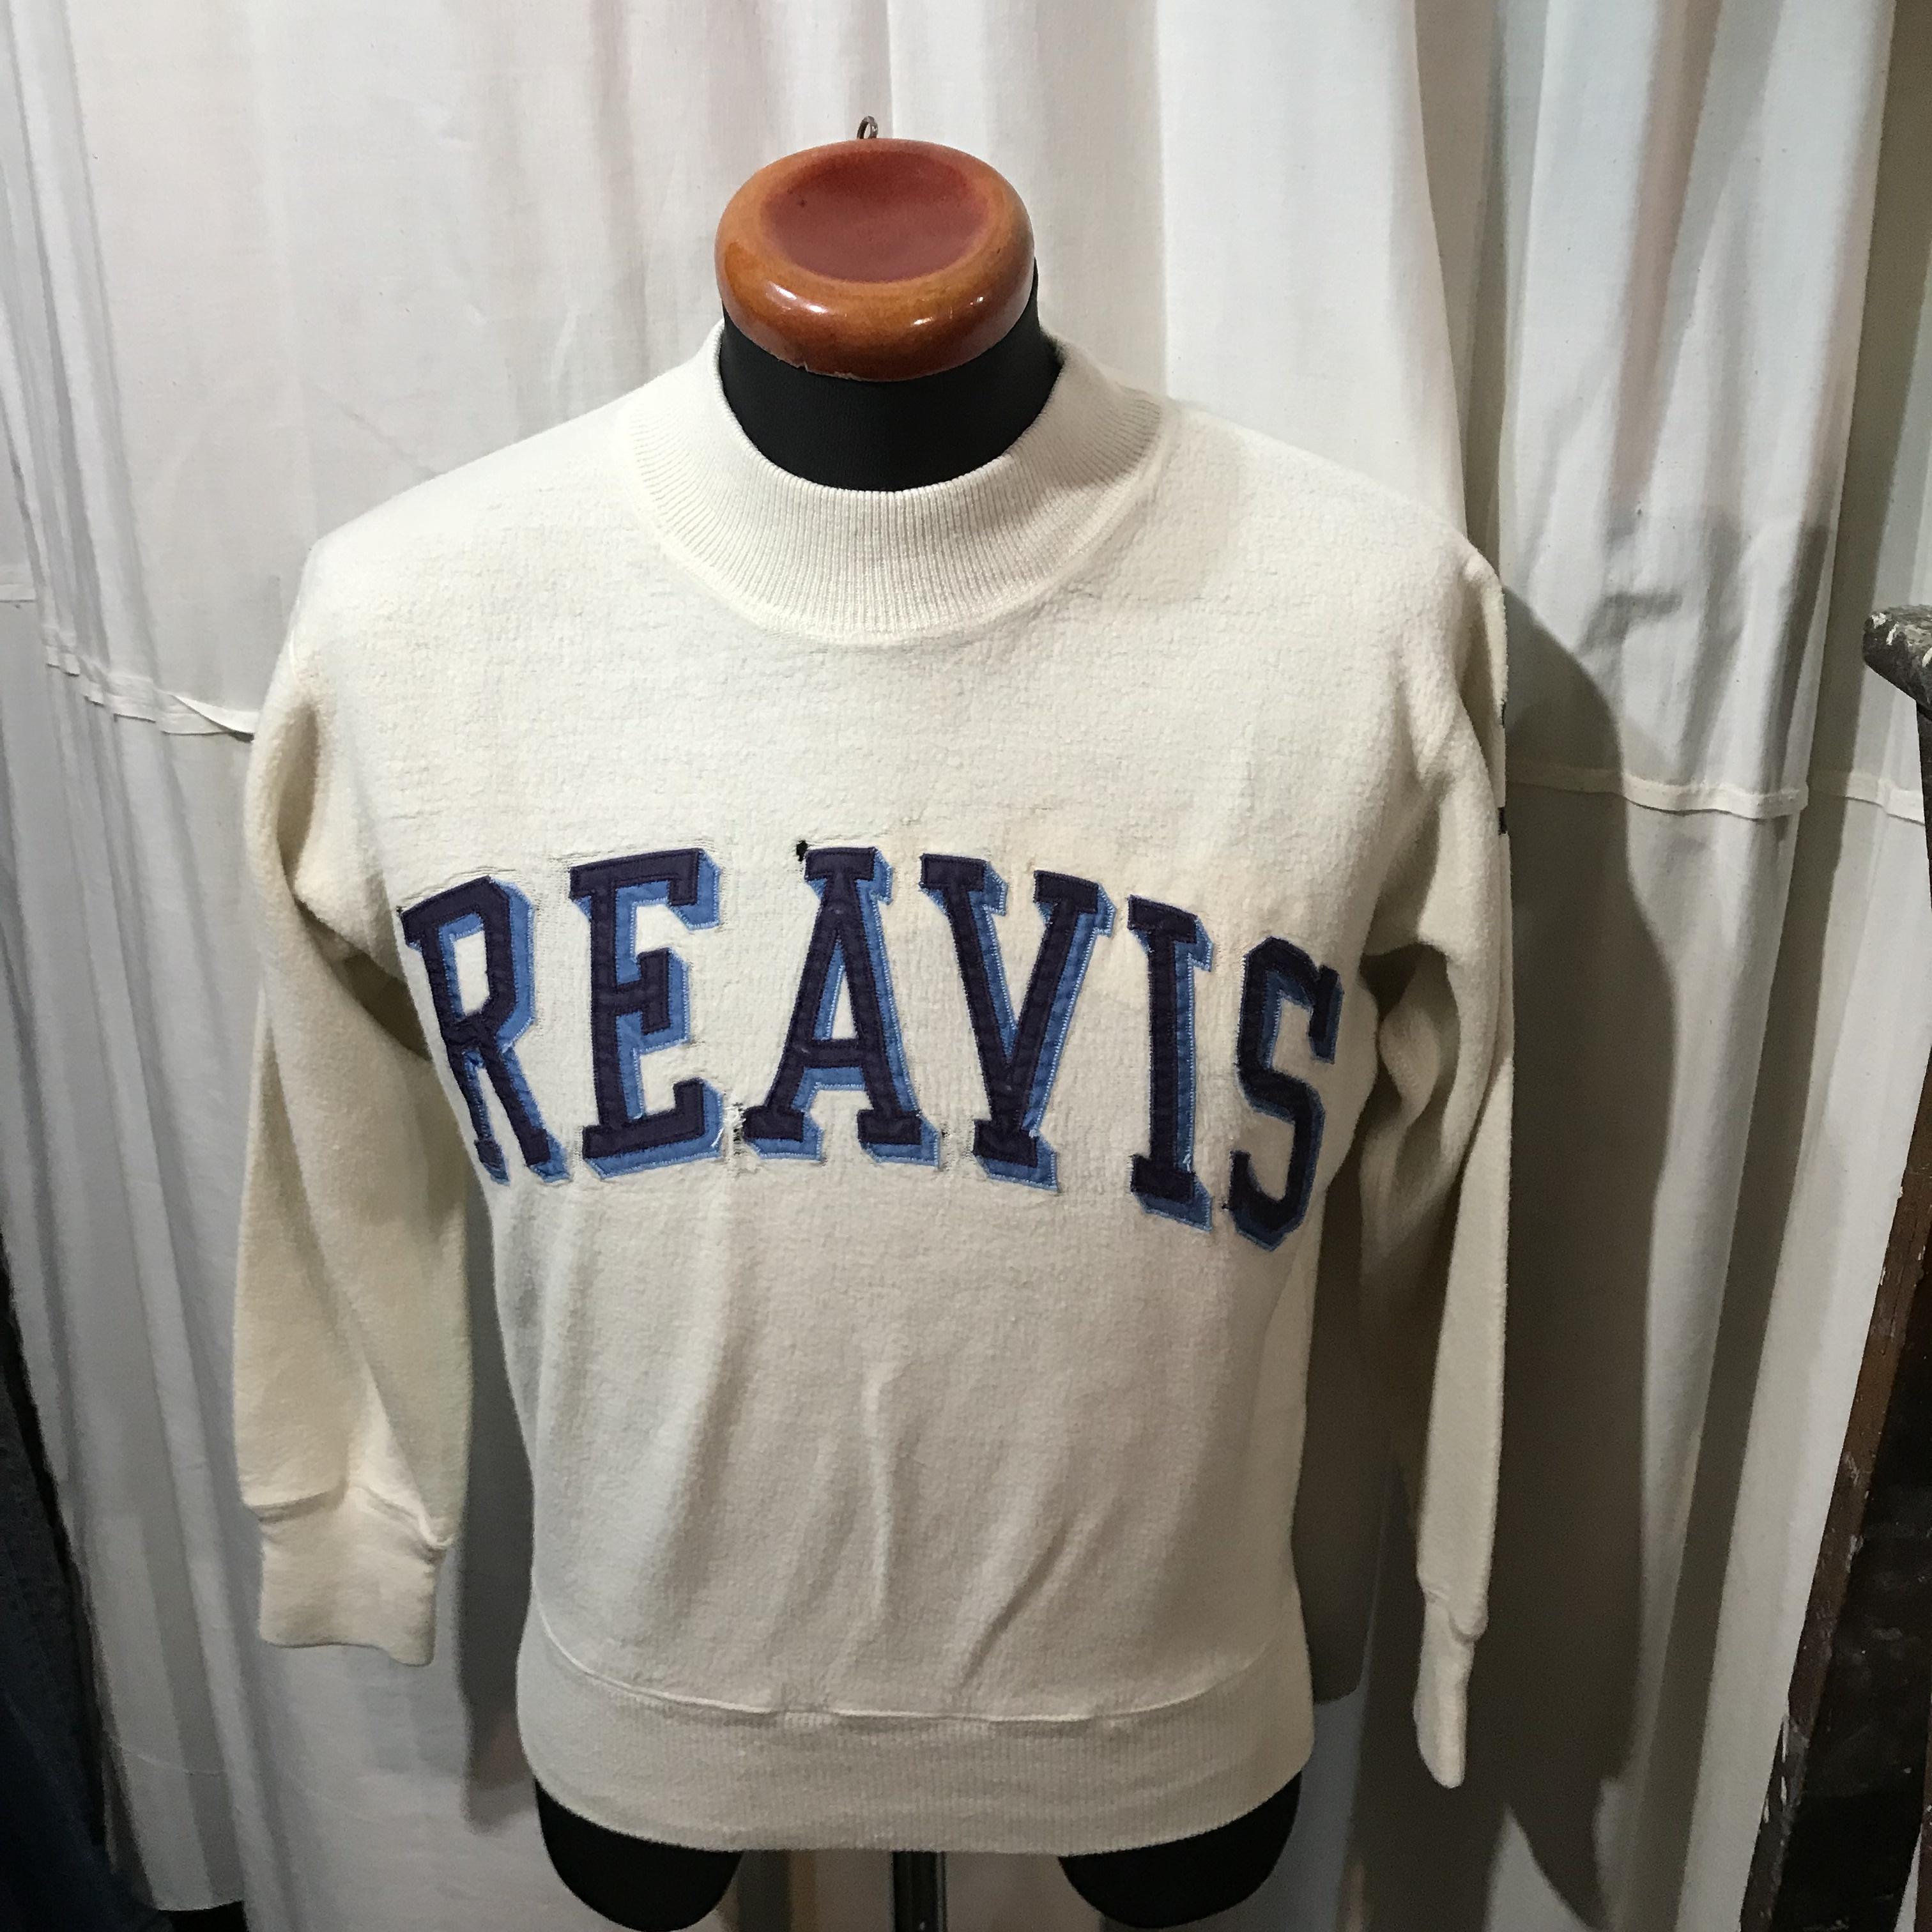 old モックネック スウェットシャツ REAVIS メンズS~M